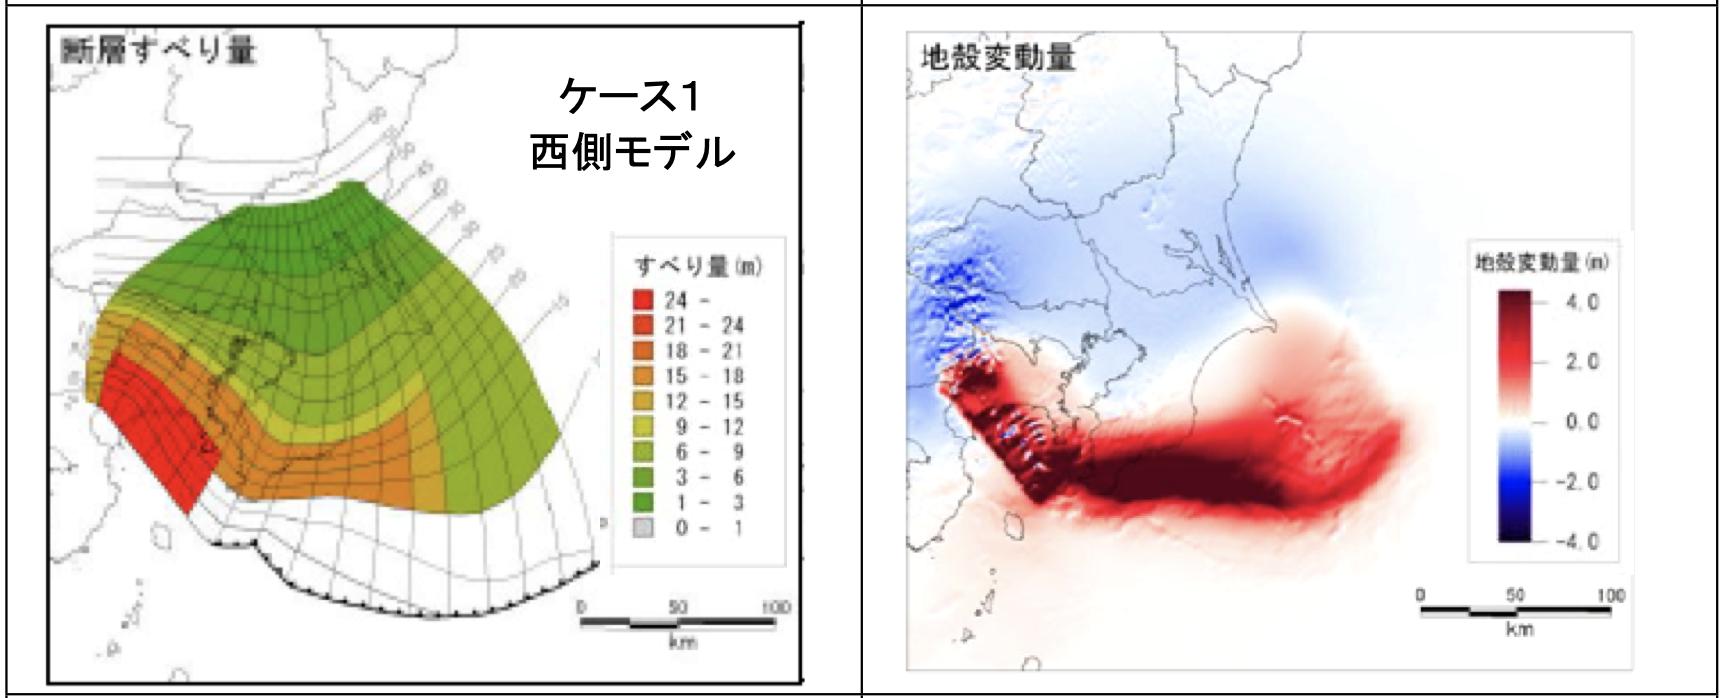 相模トラフ巨大地震 西側モデル